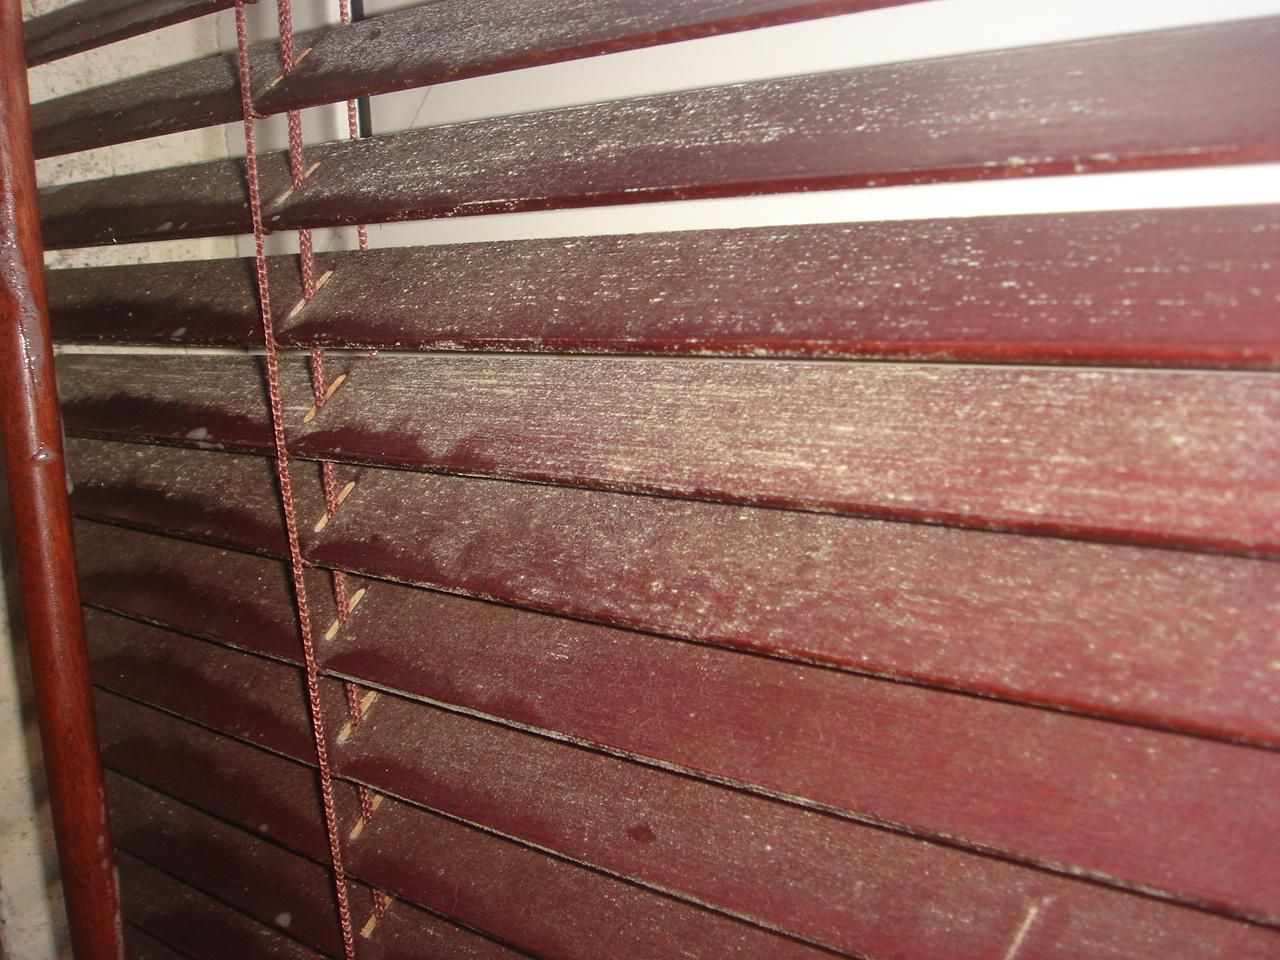 Mouldy blinds